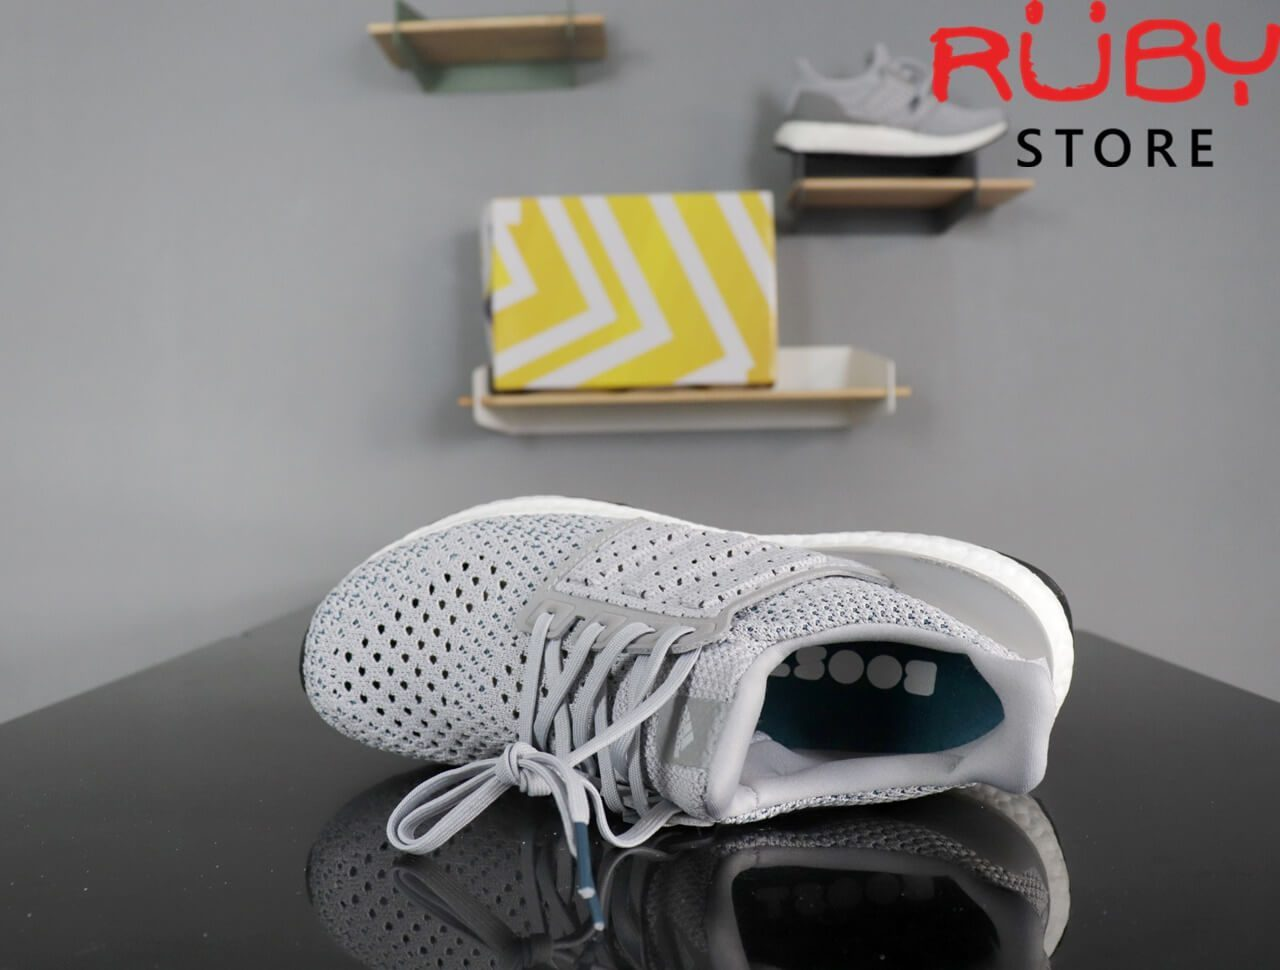 giay-adidas-ultraboost-clima-xam-replica-hcm (6)